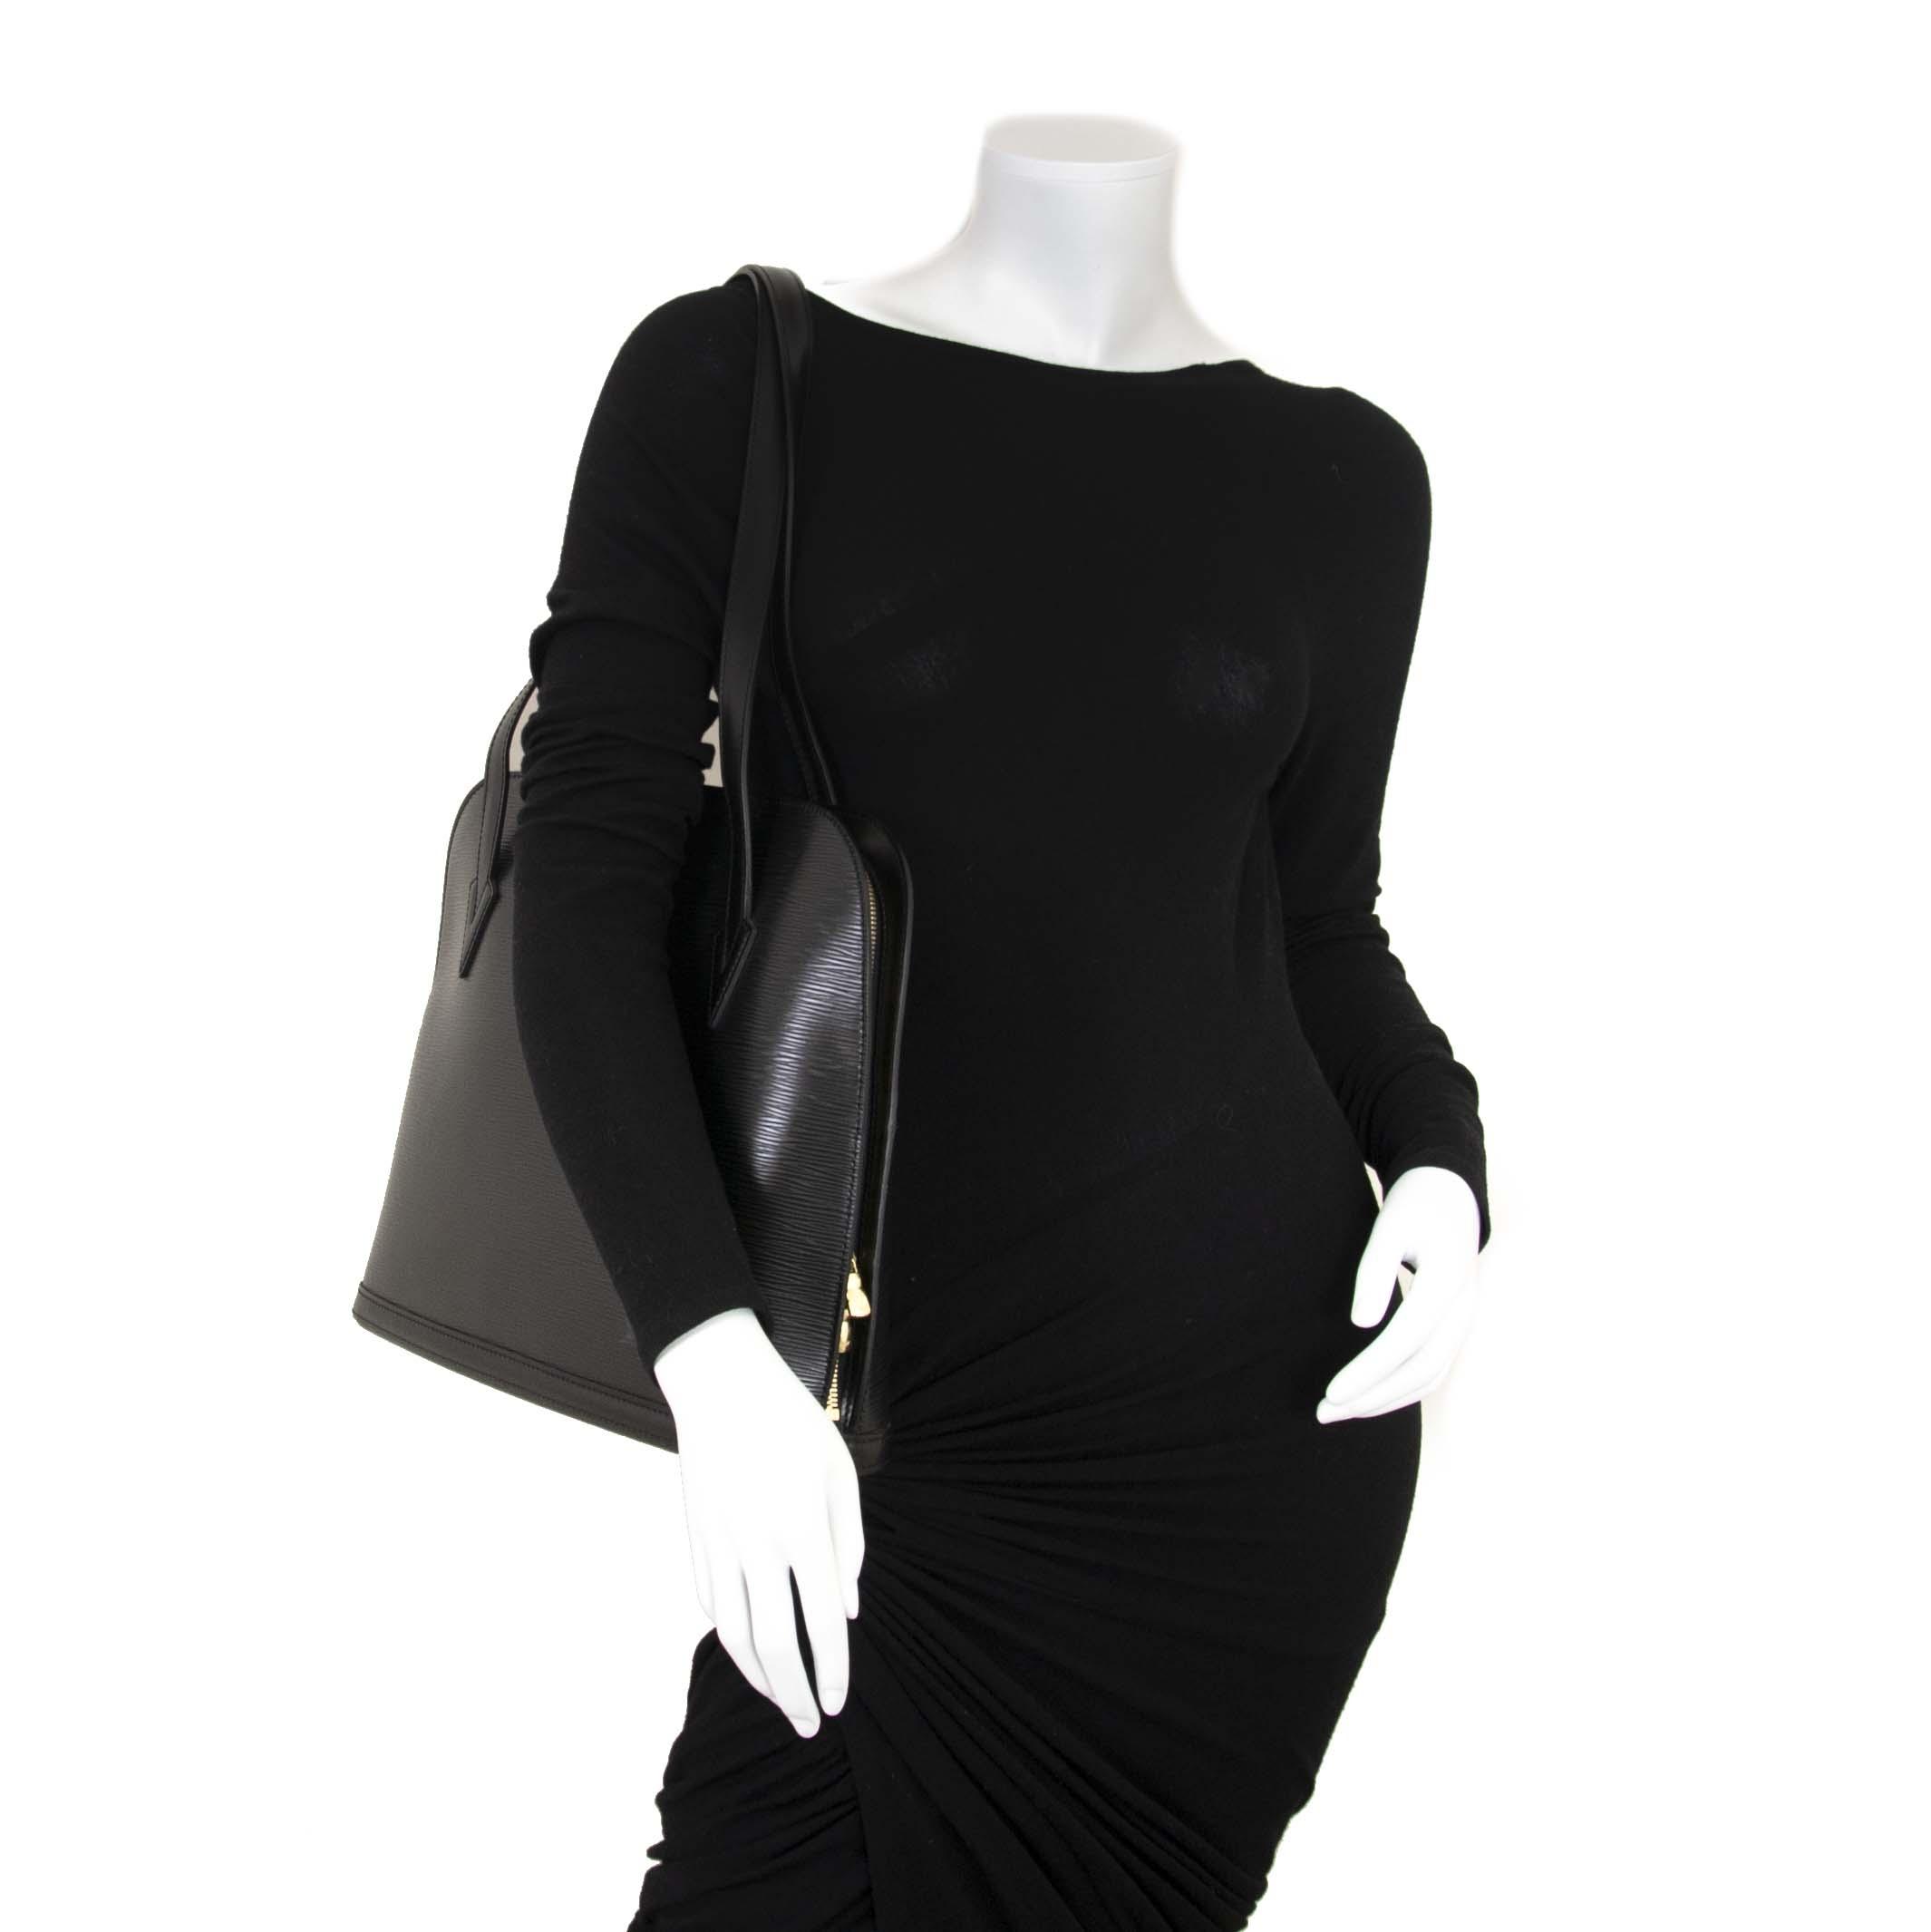 Louis Vuitton Black Epi Leather Lussac Shoulder Bag now for sale at labellov vintage fashion webshop belgium